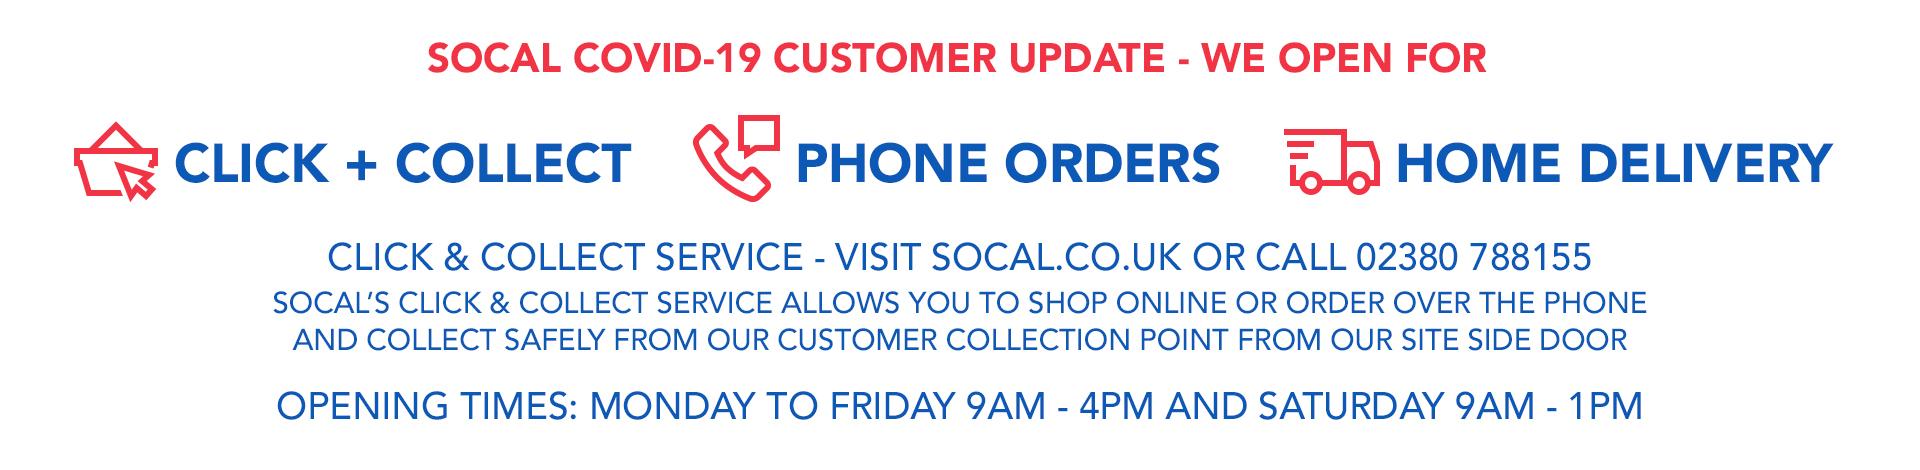 Covid19 Customer Update April